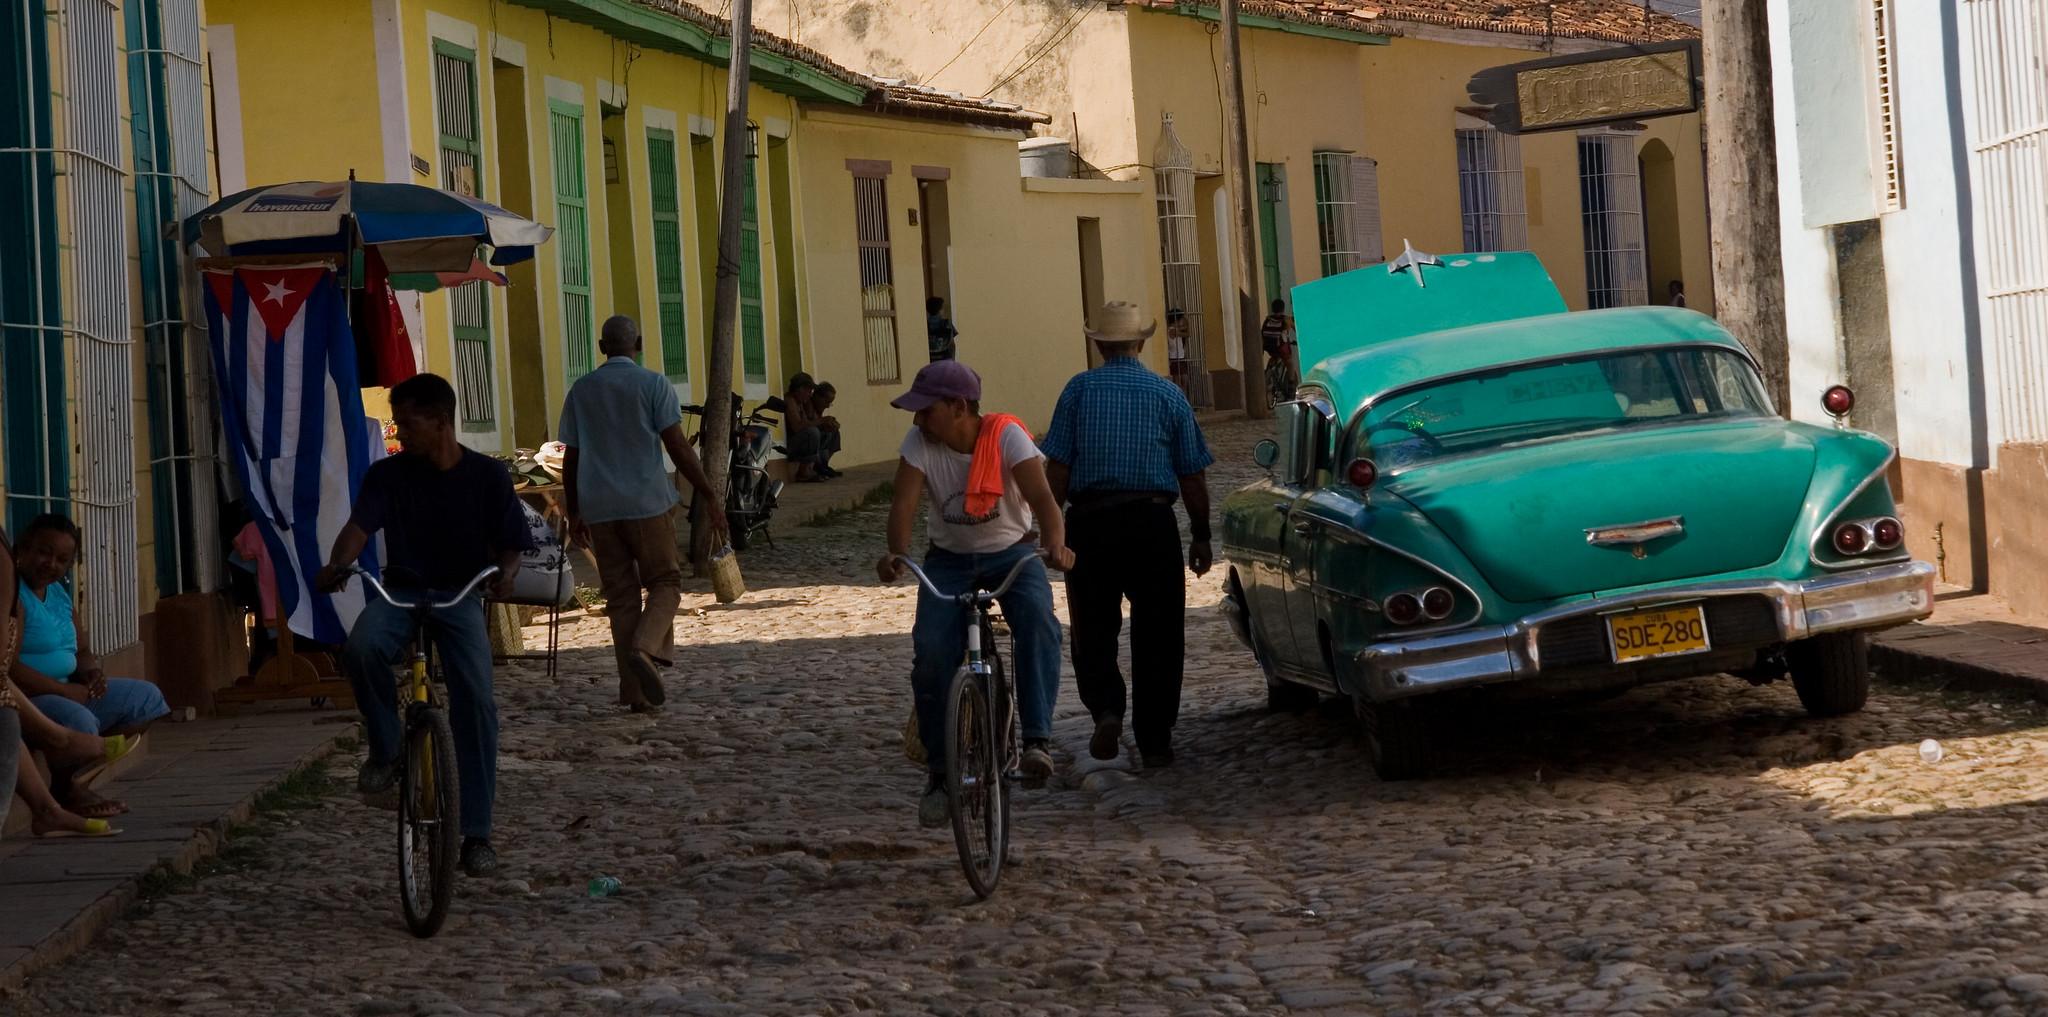 Foto de um carro em Cuba em uma cena de rua